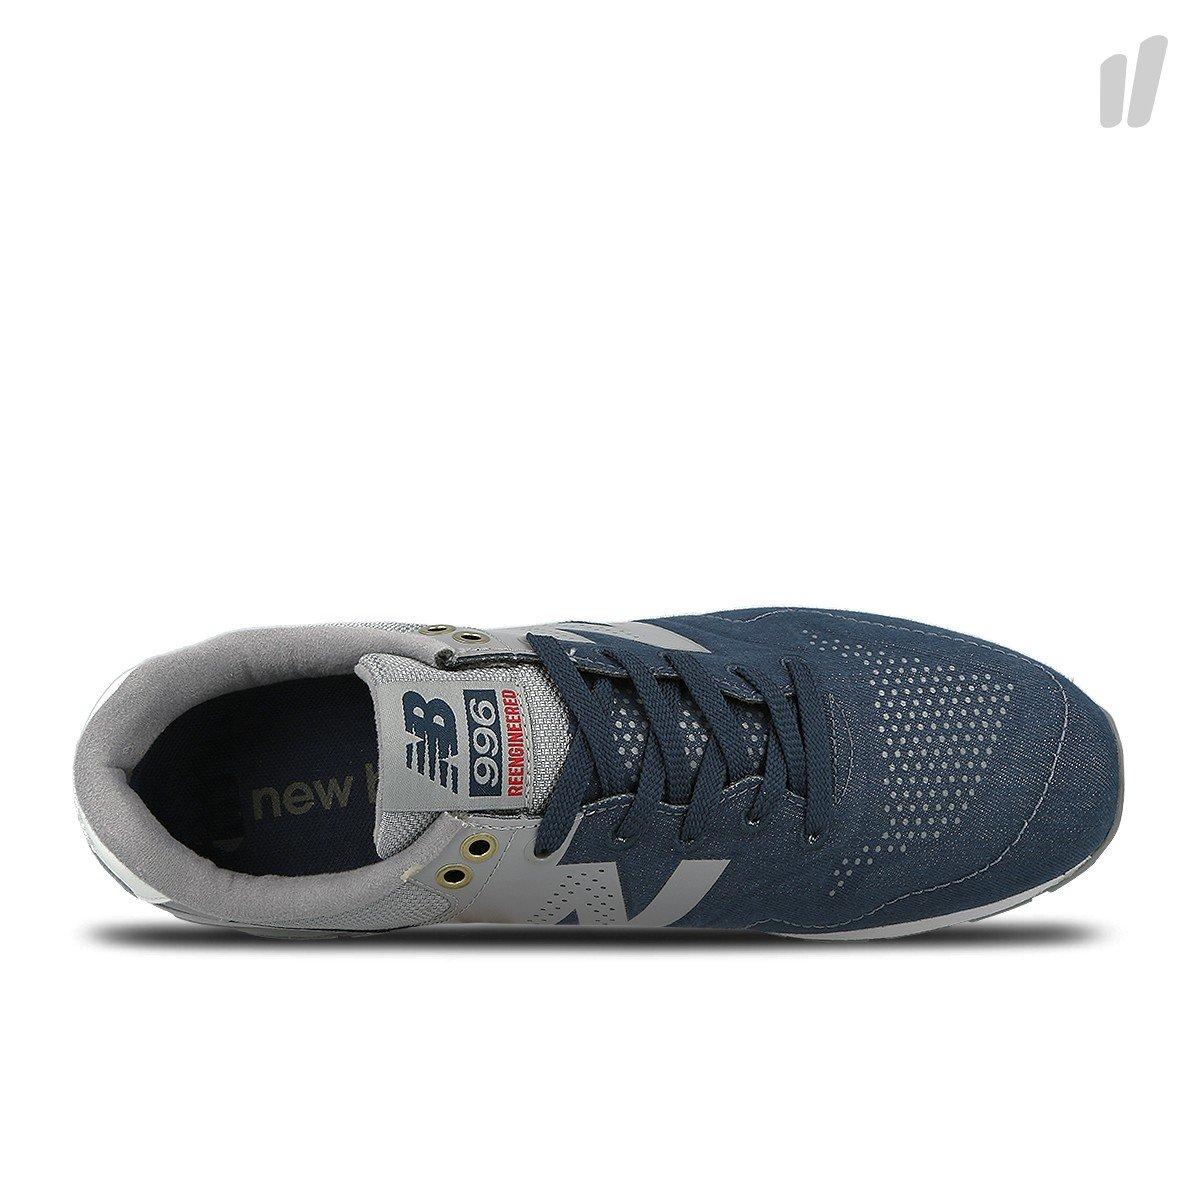 New Balance D 12 MRL996FT Couleur: Bleu marine Gris